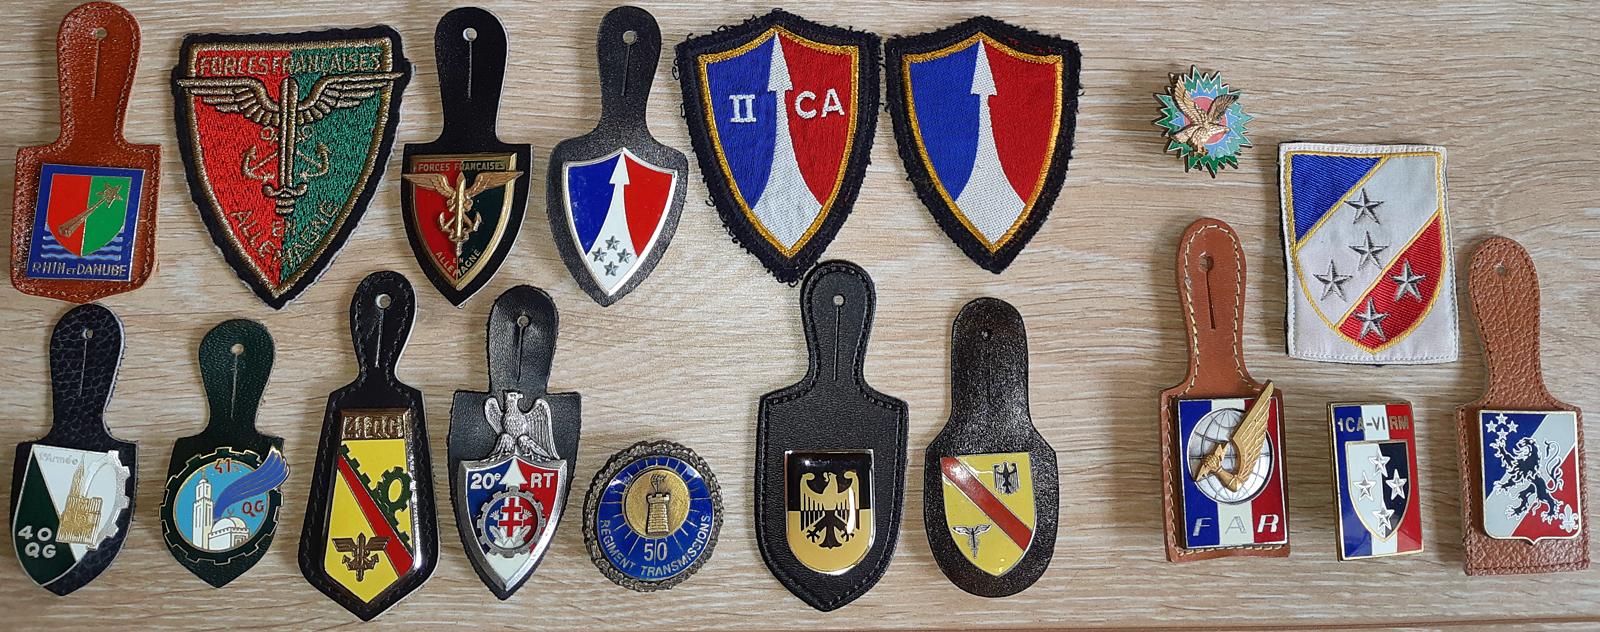 Insignes des Forces Françaises en Allemagne(FFA)